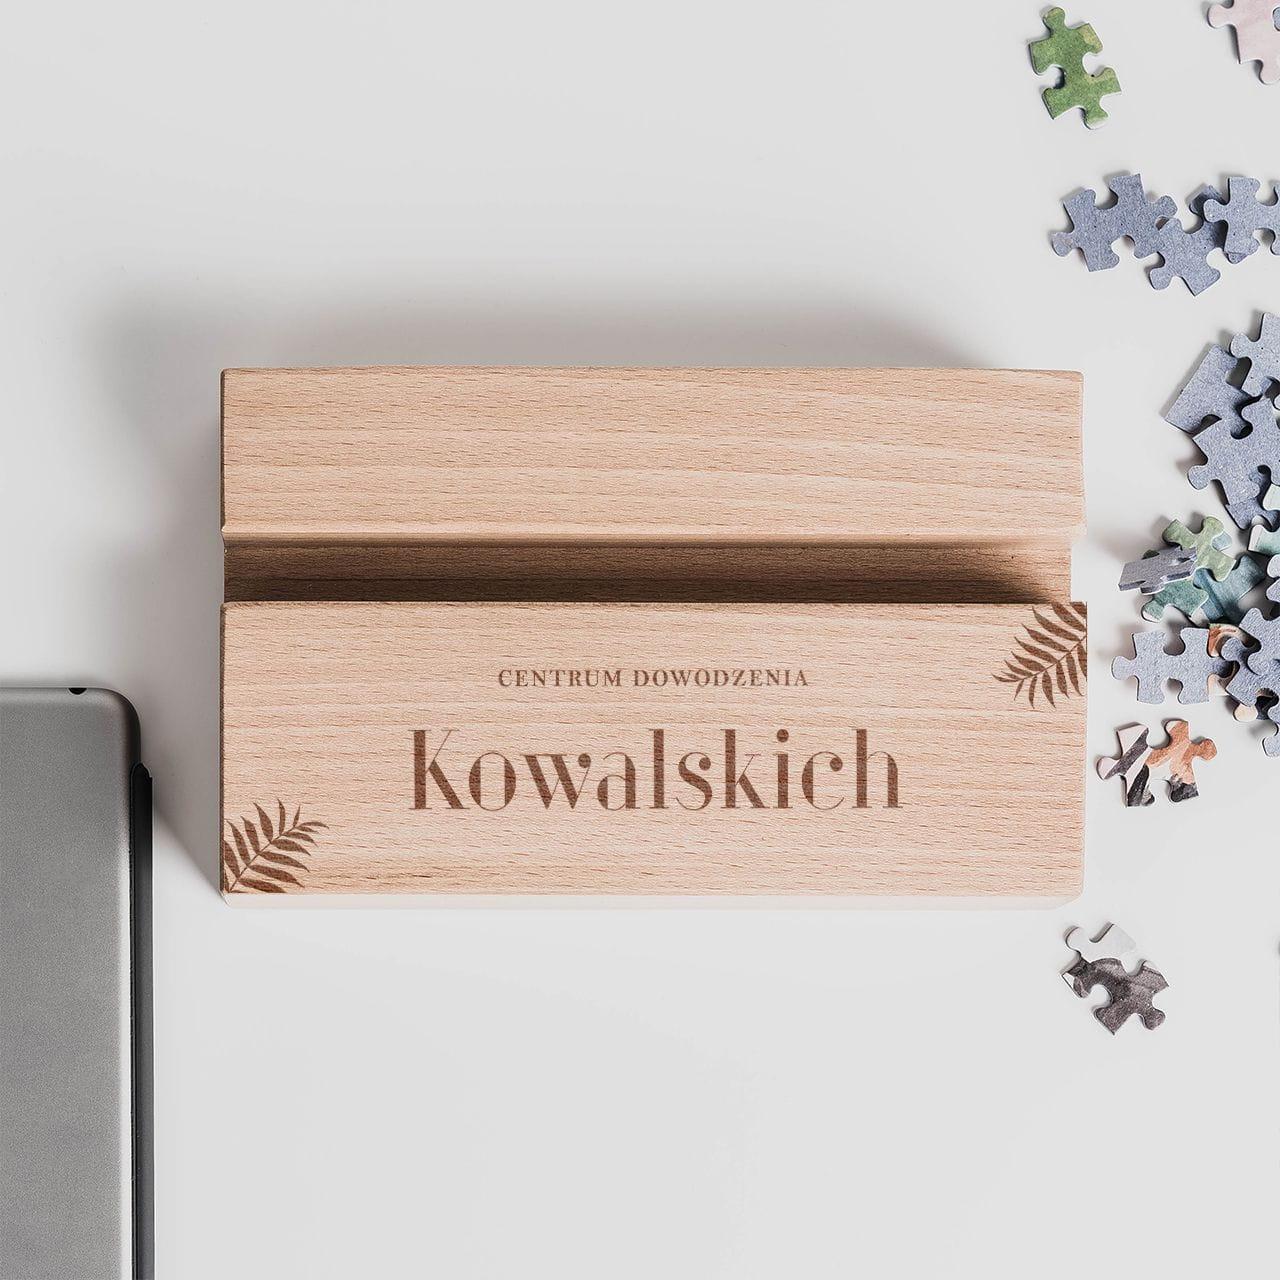 Podkładka na biurko z napisem, czyli idealny gadżet biurowy na prezent